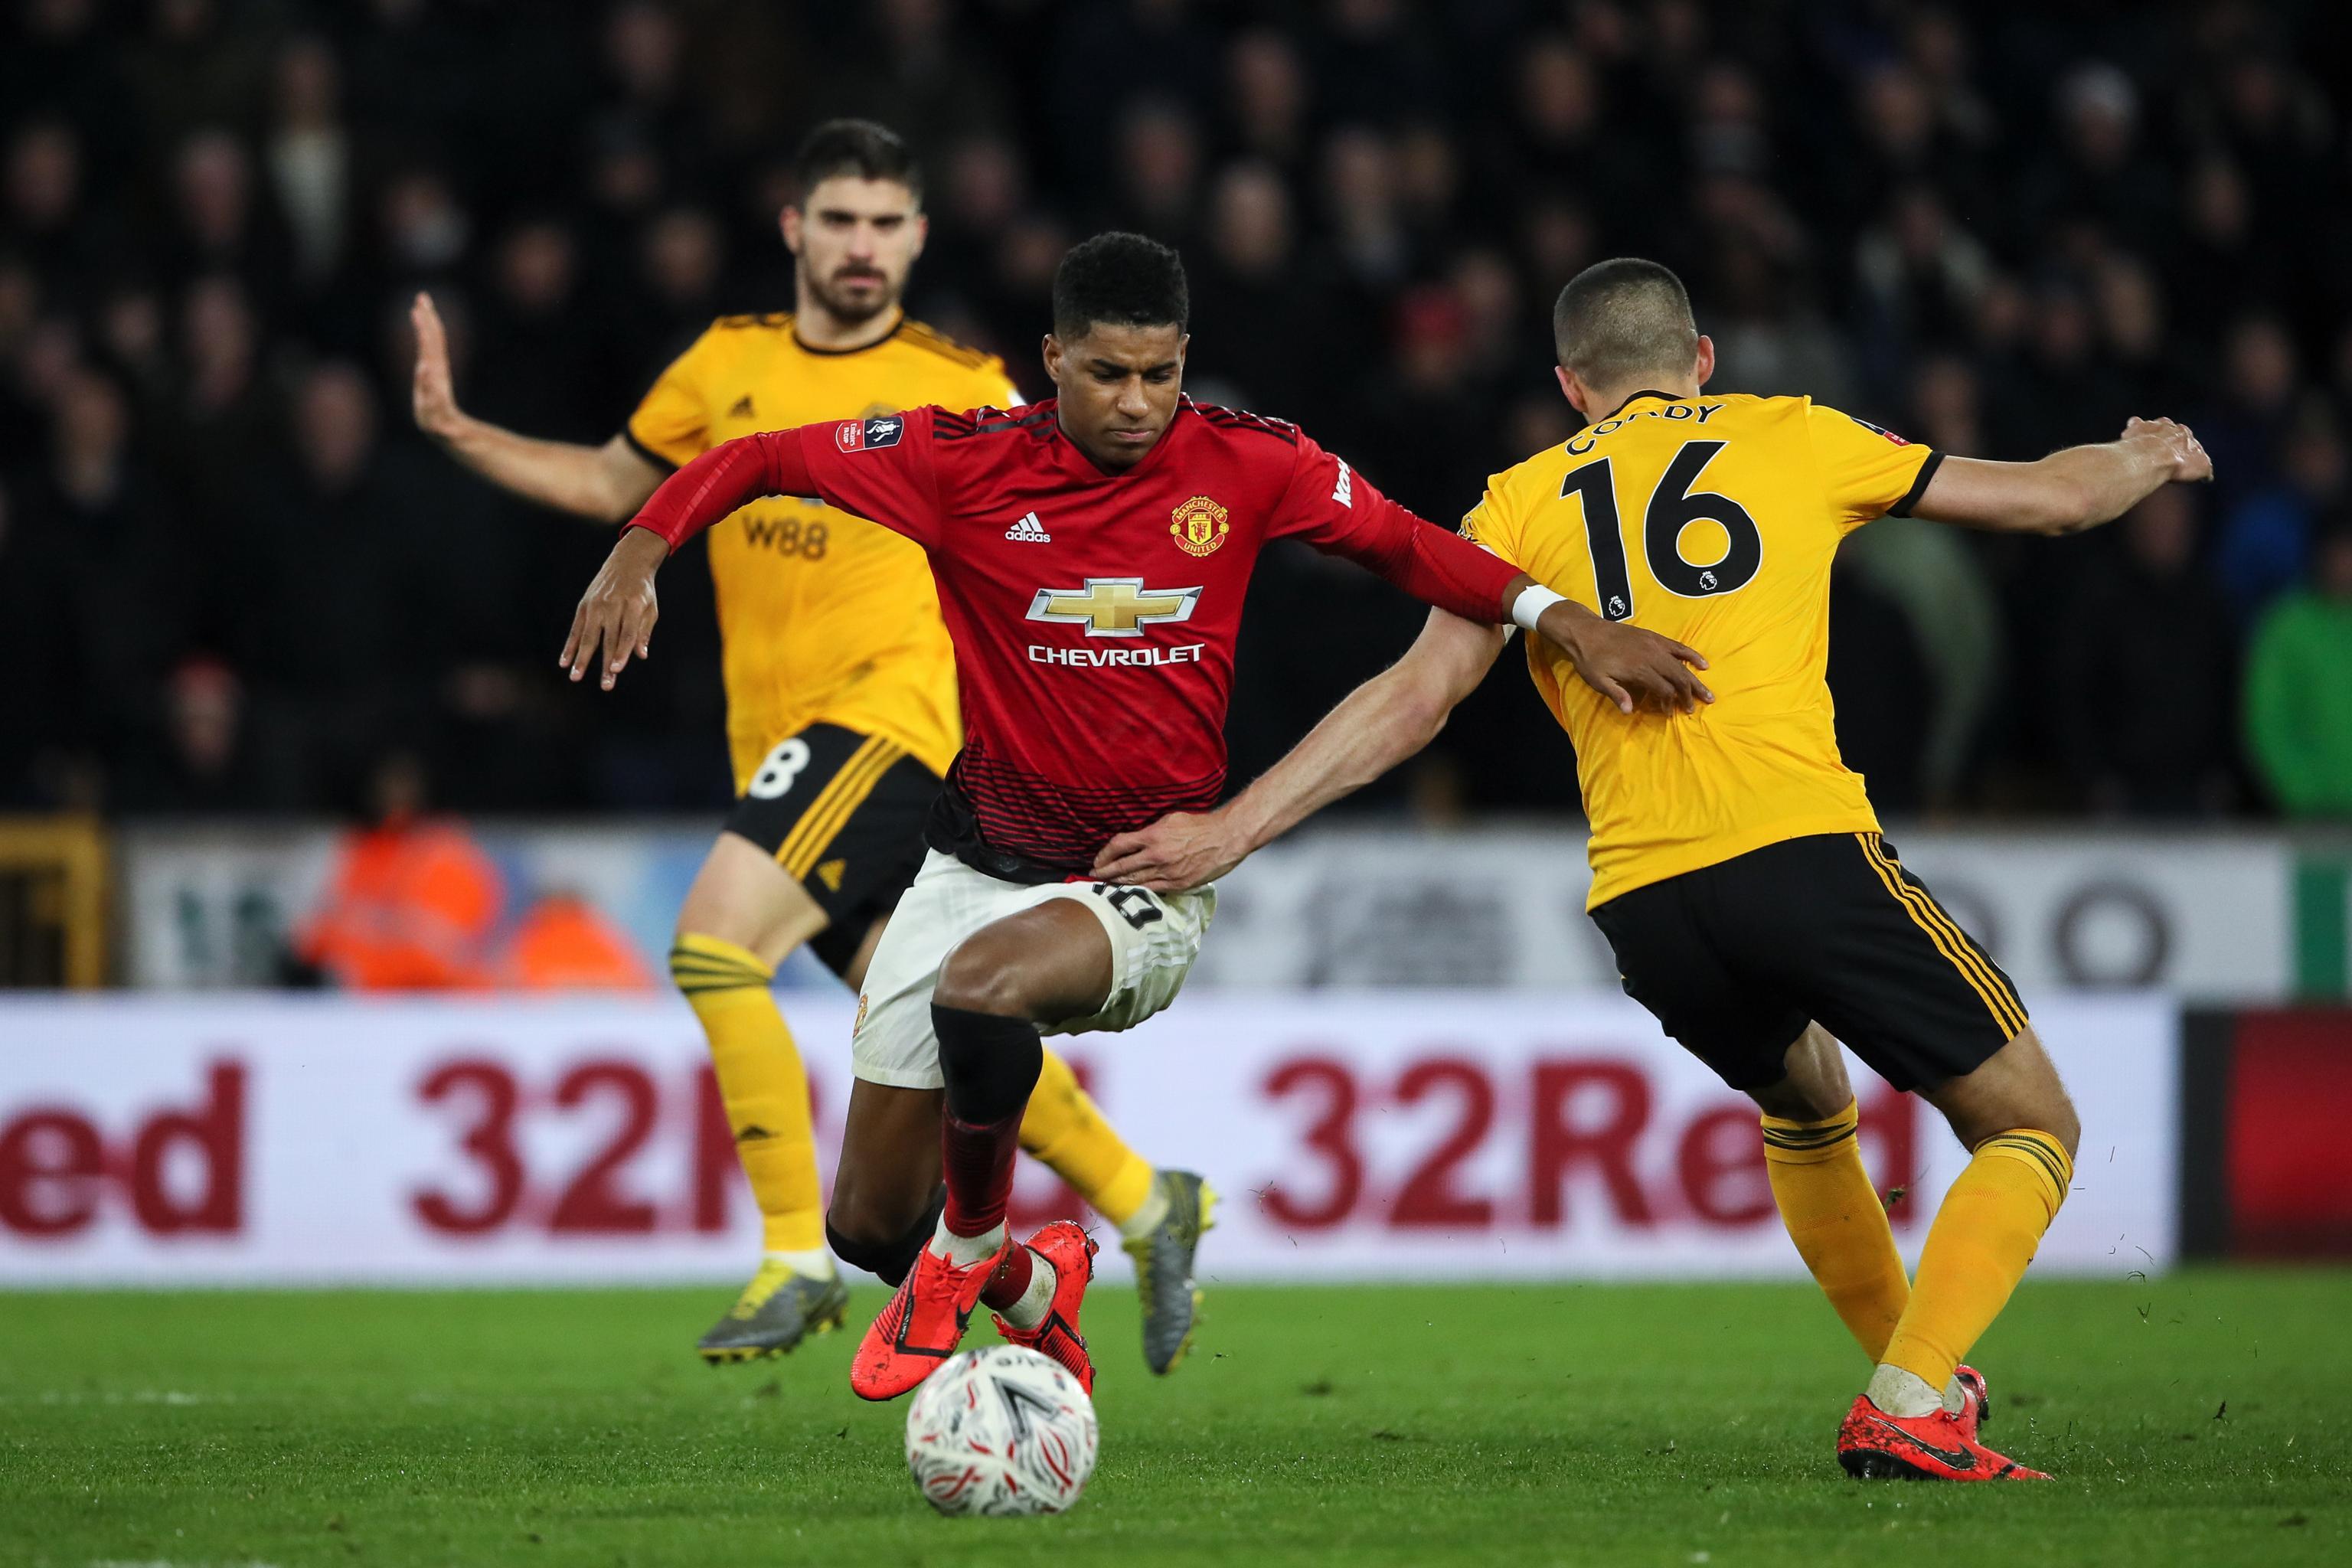 Nhận định Wolverhampton vs Manchester United: Quỷ đỏ gặp khắc tinh